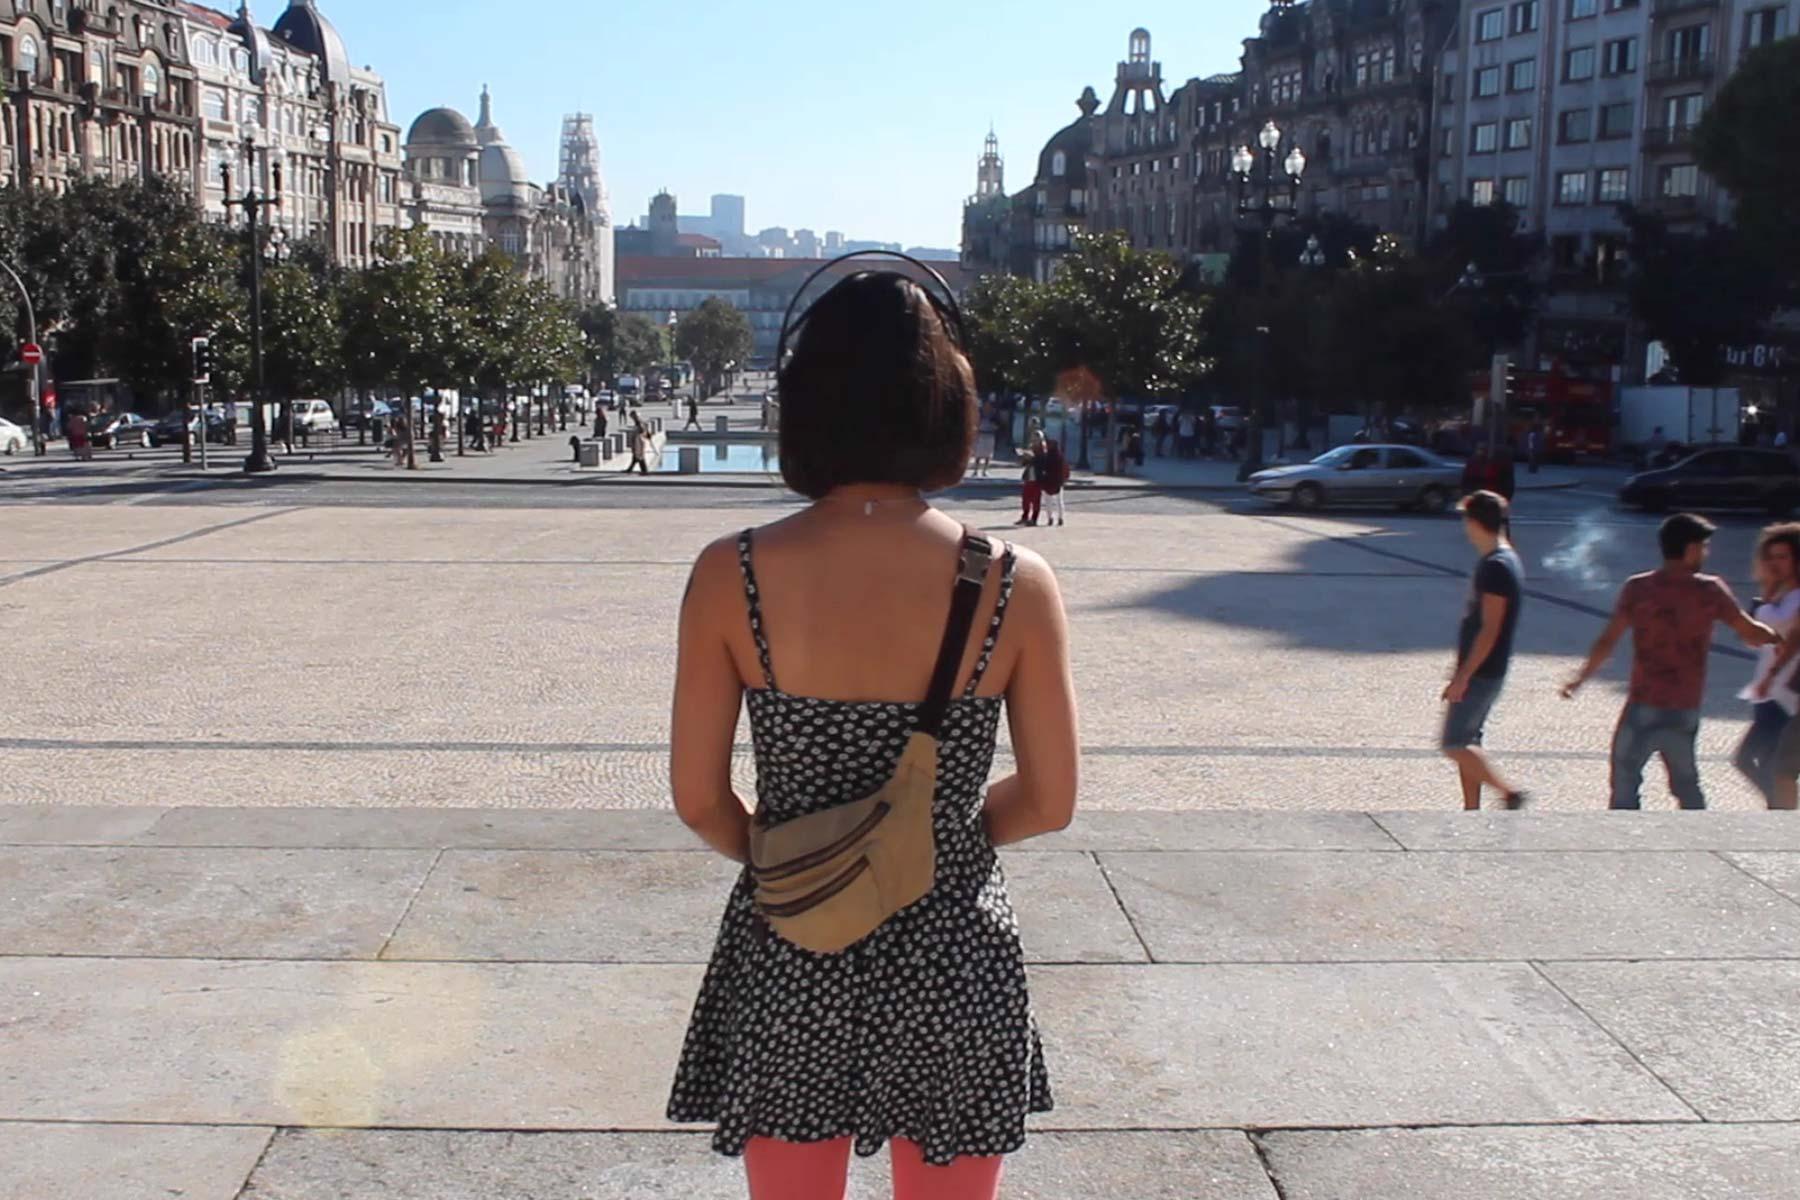 CÁTIA PINHEIRO / ESTRUTURA - The Walk #2